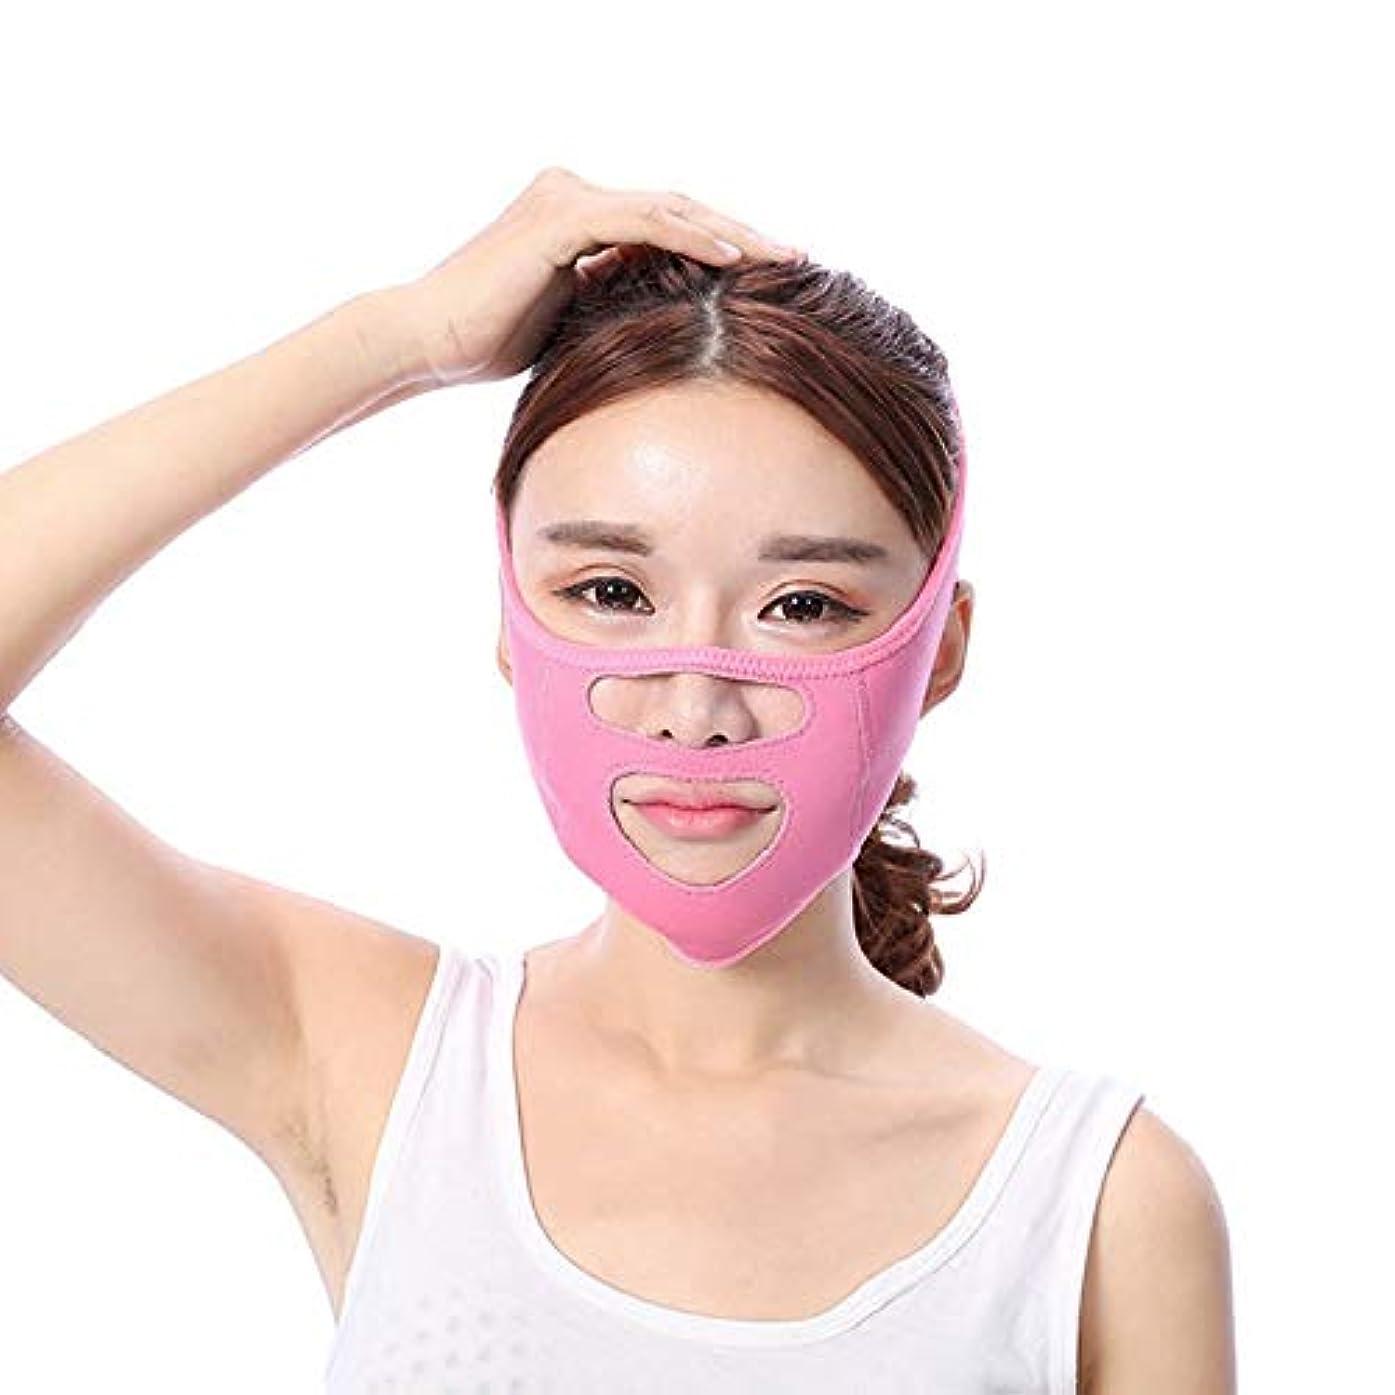 岩一時的死の顎Minmin 顔の持ち上がる痩身ベルト - あなたの顔のための素晴らしいトレーニング二重あごのワークアウトフェイスマスクベルト薄い顔包帯整形マスクは顔と首を締めますフェイススリム みんみんVラインフェイスマスク